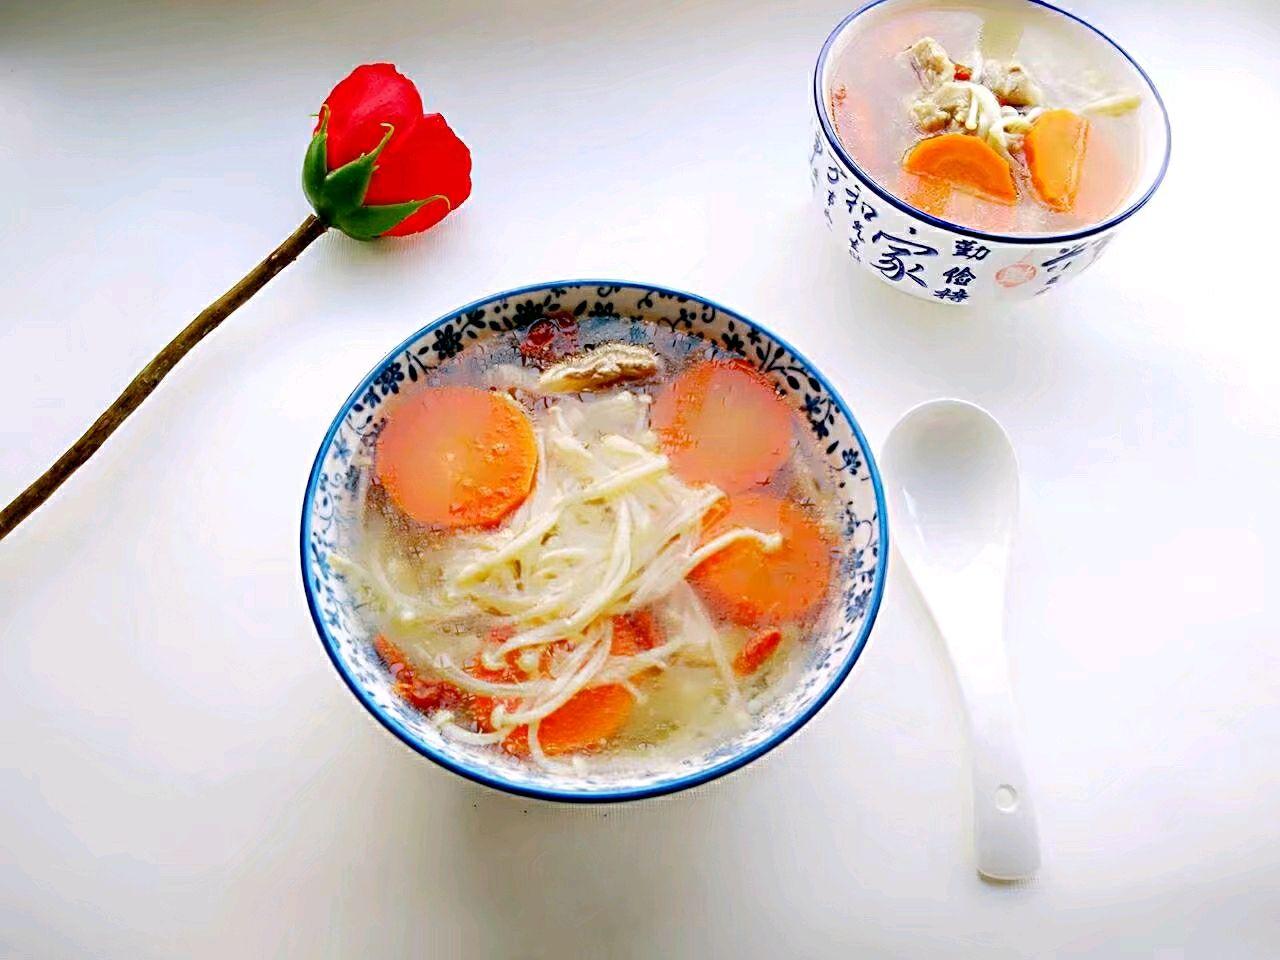 金针菇胡萝卜排骨汤#每火锅都是一台食光机#梅林罐头午餐肉道菜辣吗图片